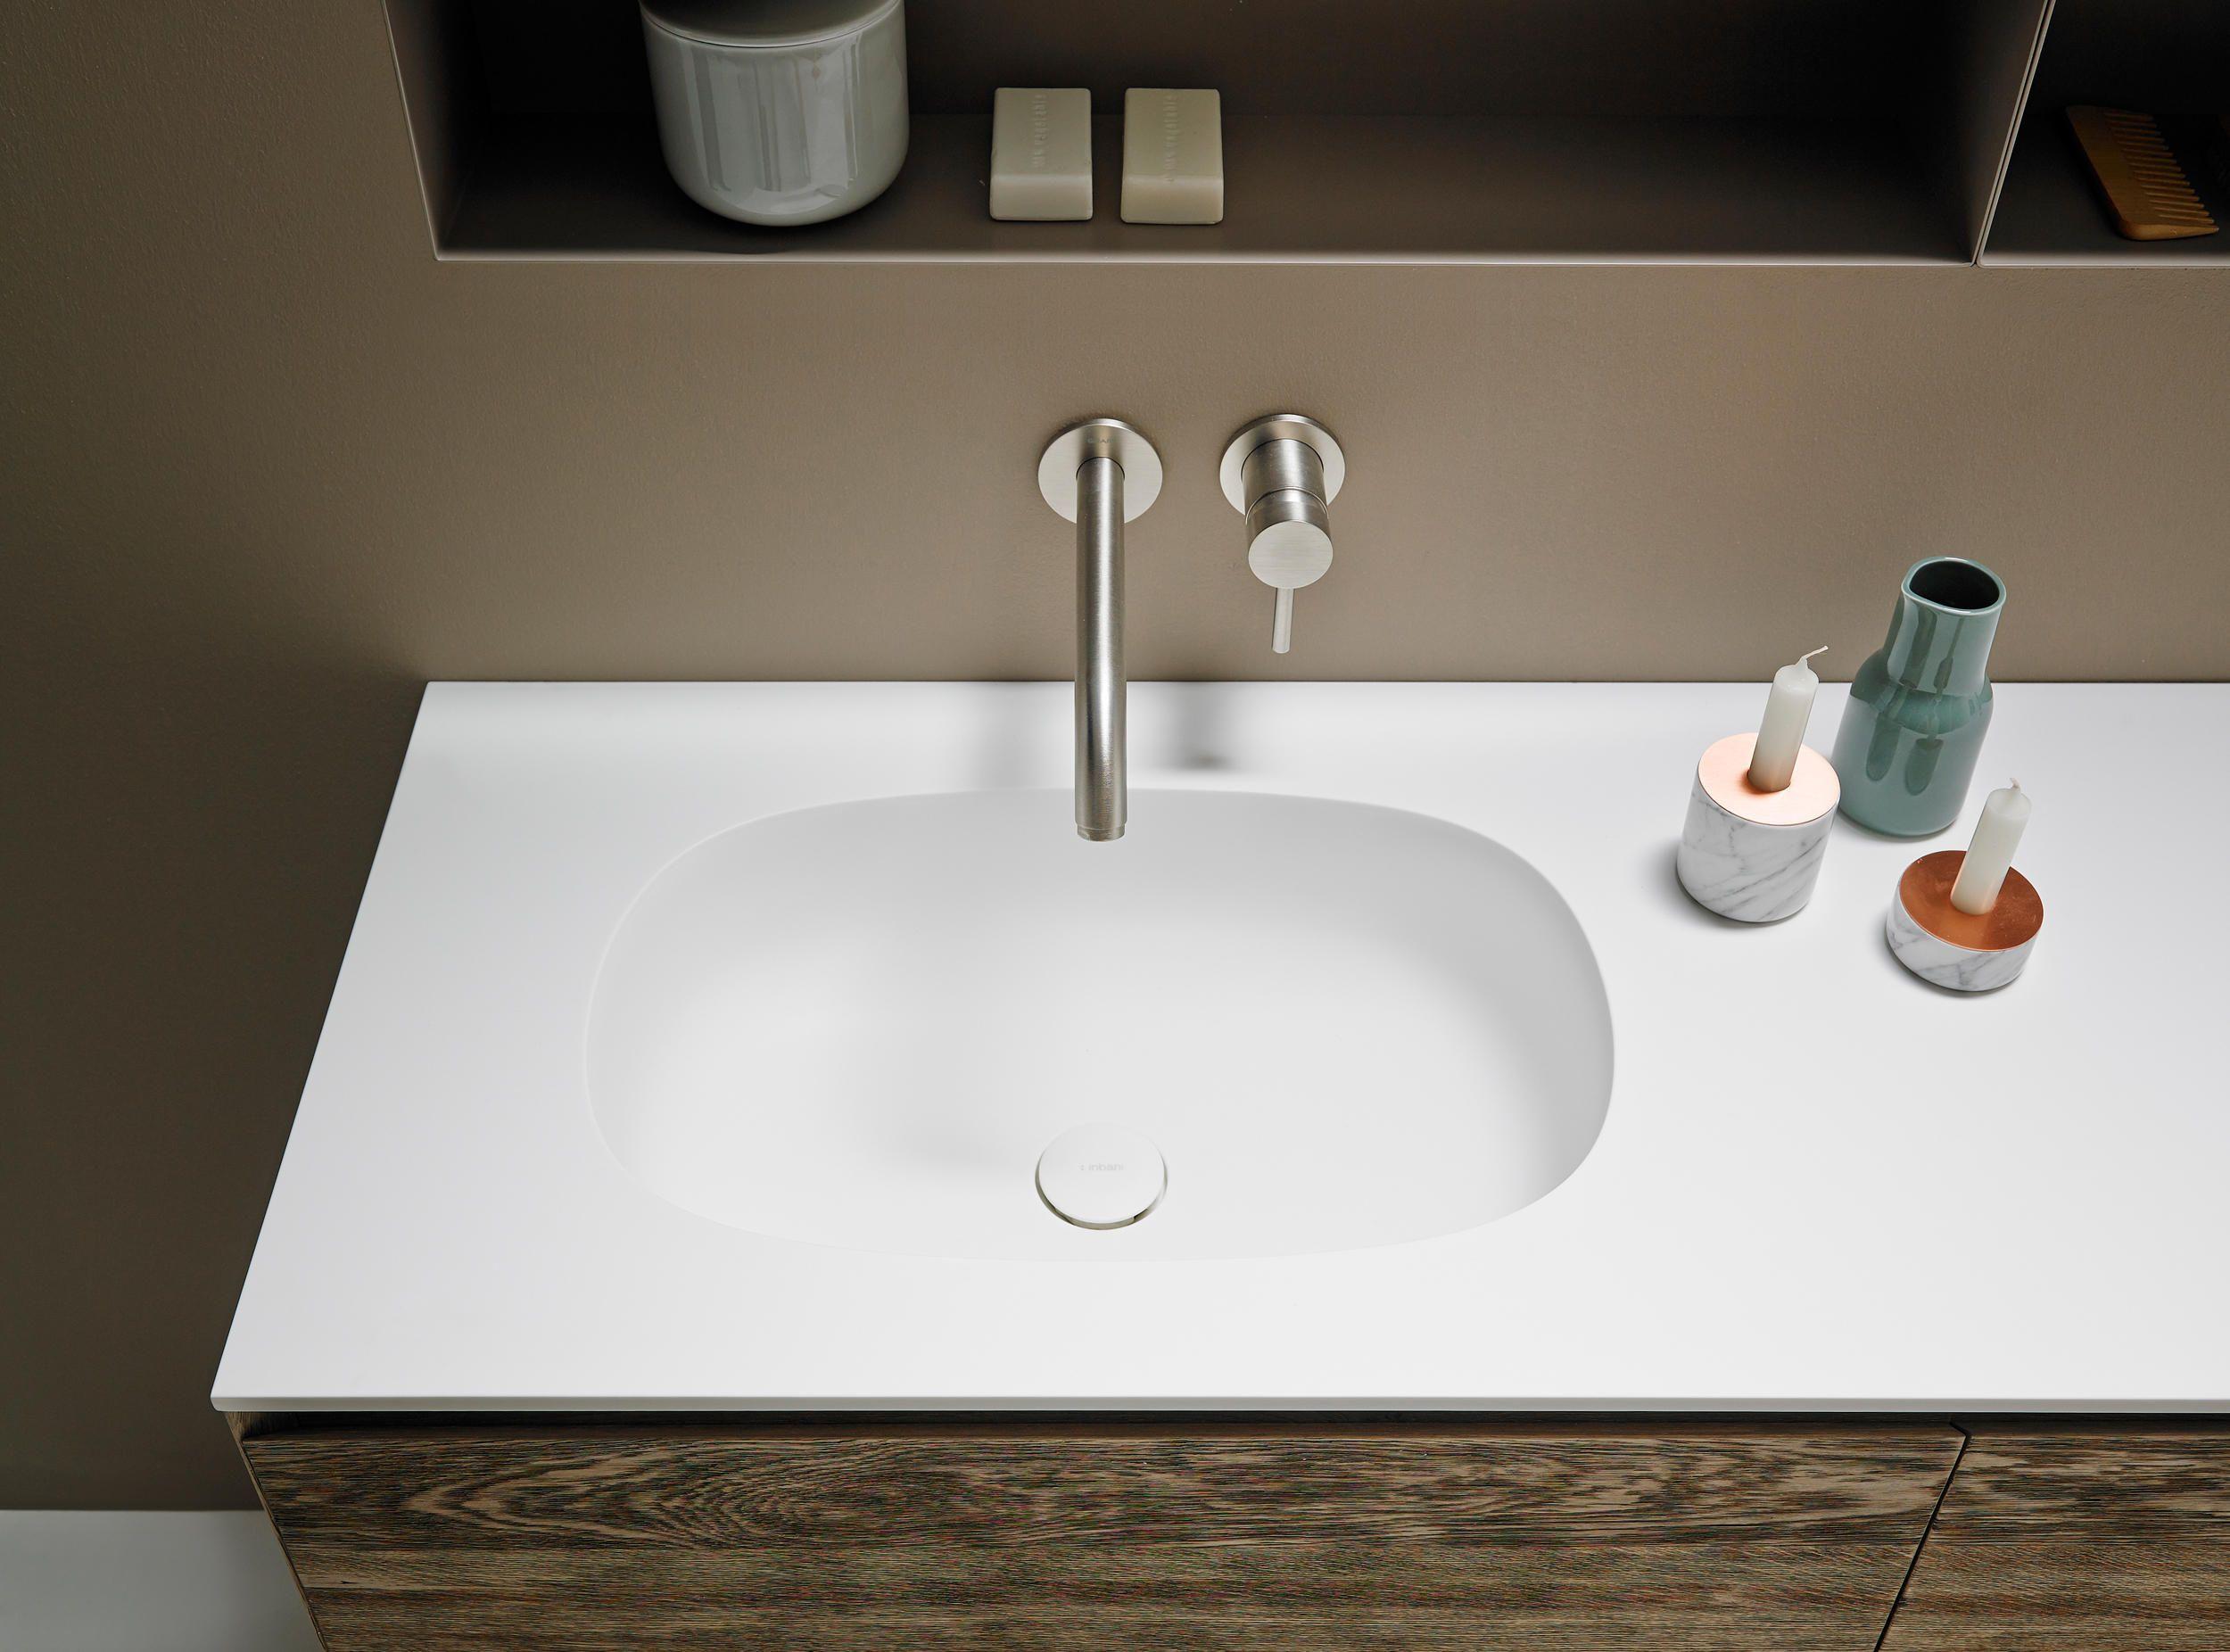 Ovalo Corian® Washbasin Countertop Von Inbani | Waschtische Corian  Waschbecken, Renovierung, Hochauflösende Bilder